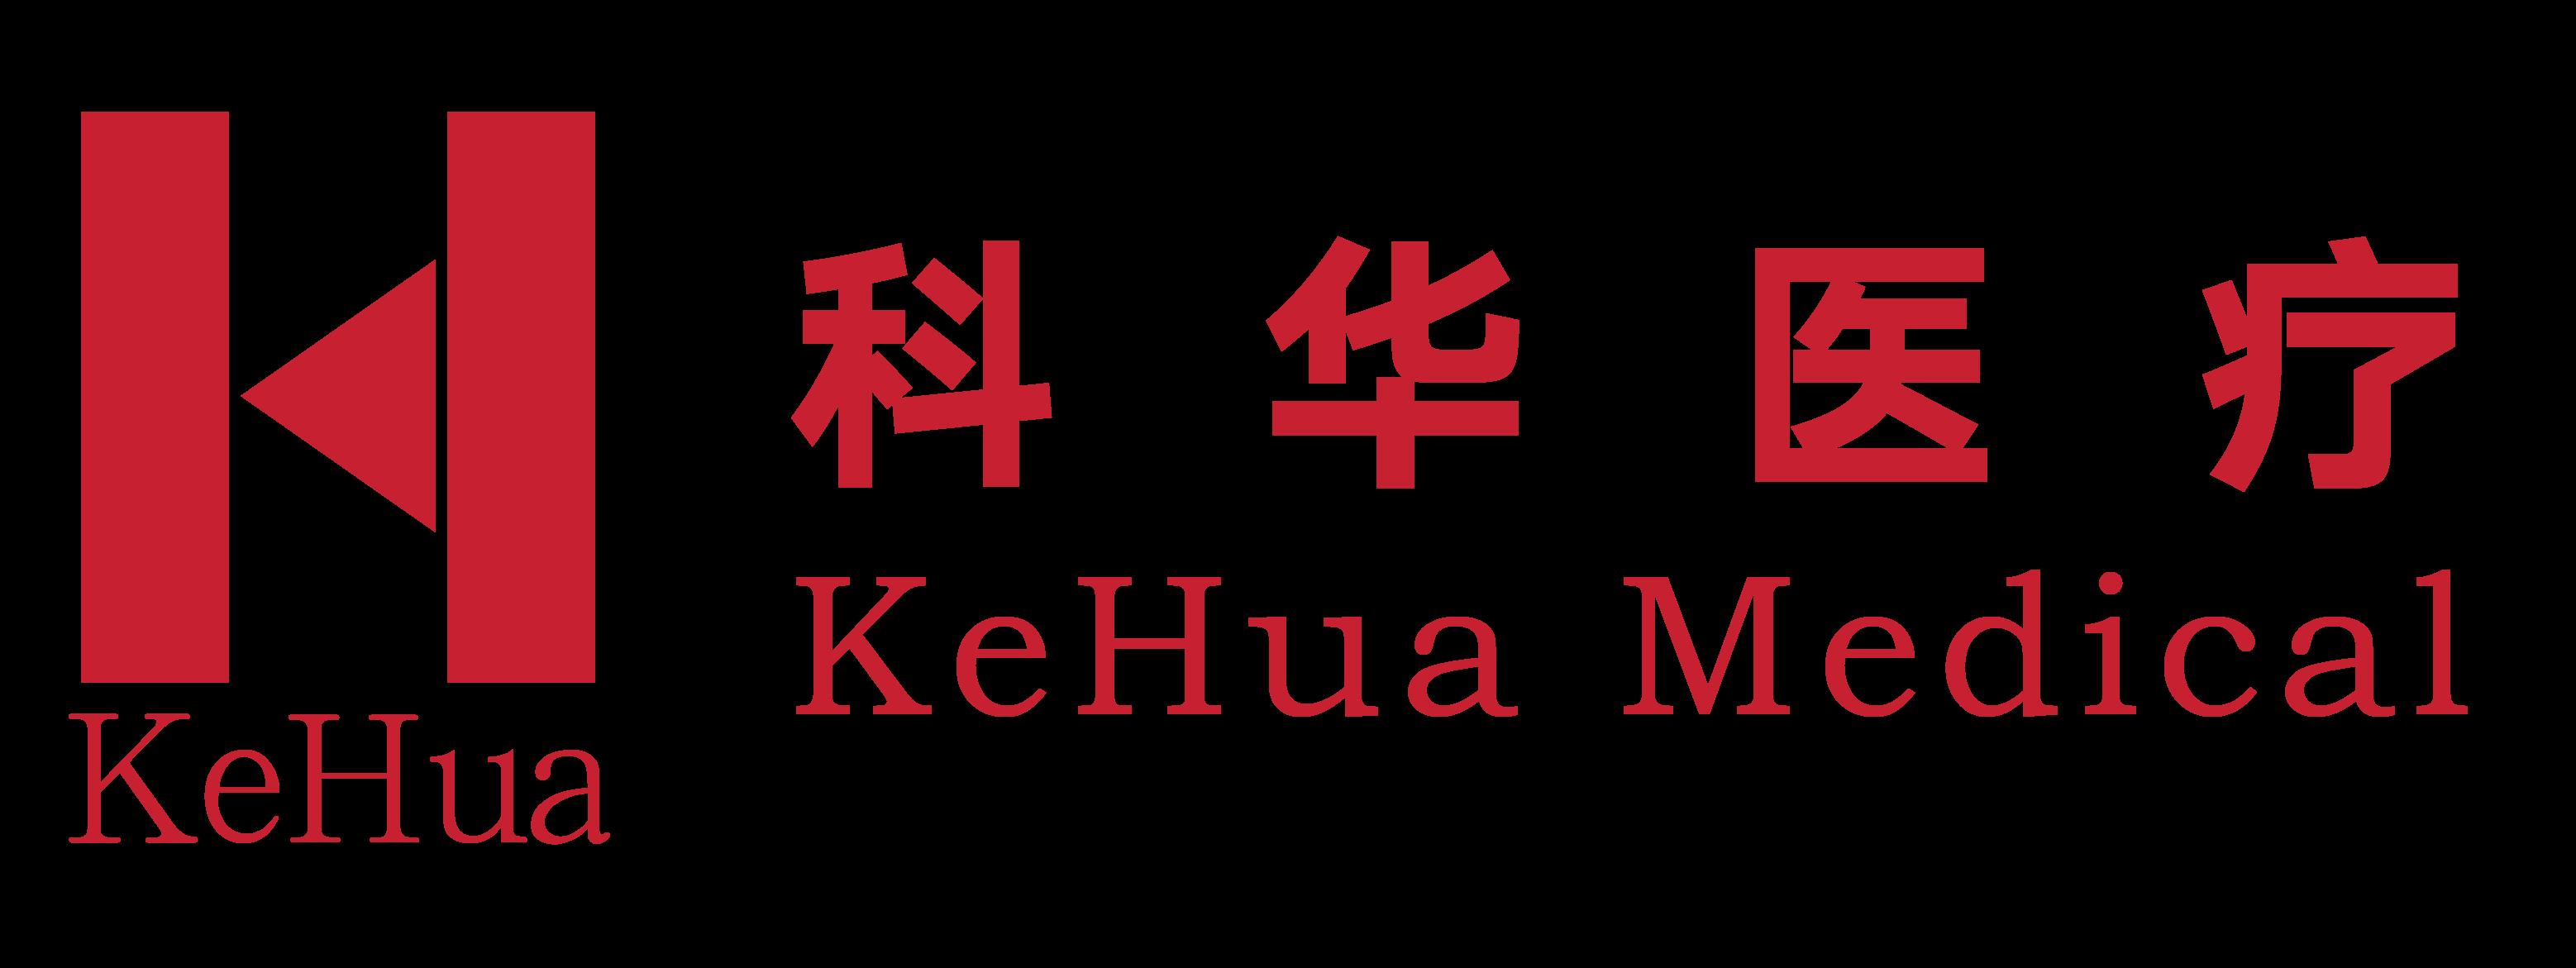 江苏科华医疗器械科技有限公司官网